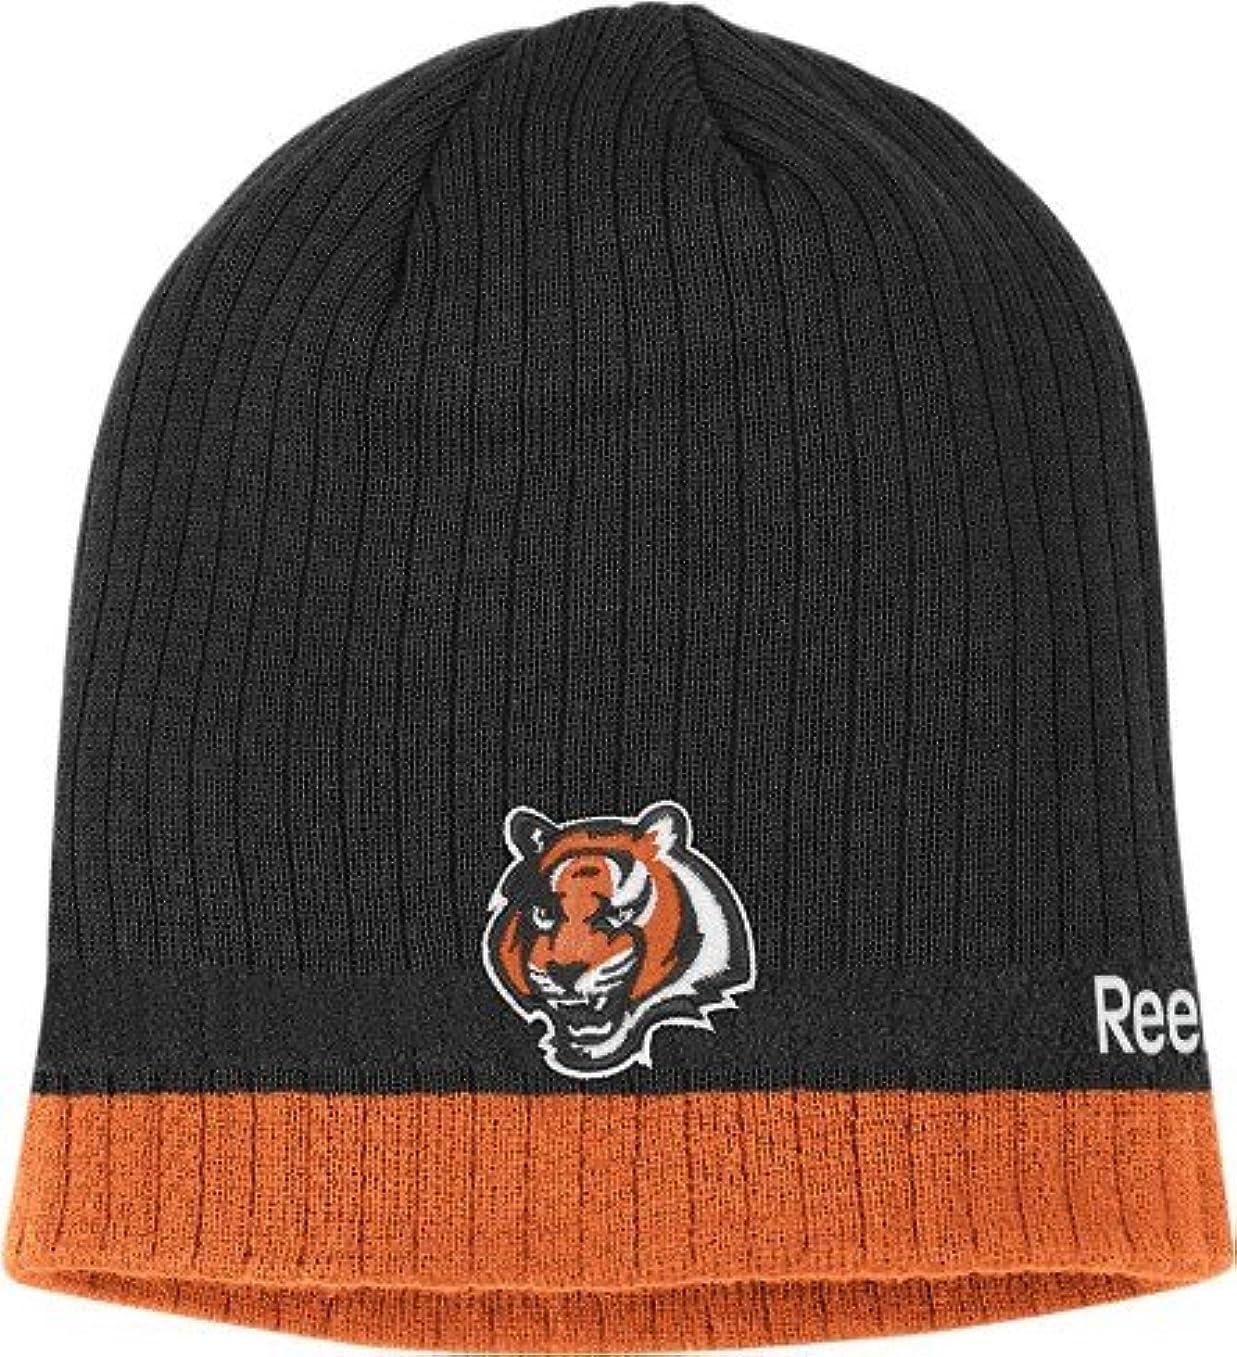 長いです報いる小麦Cincinnati Bengals Reebok 2010 Sideline Cuffless Knit Hat